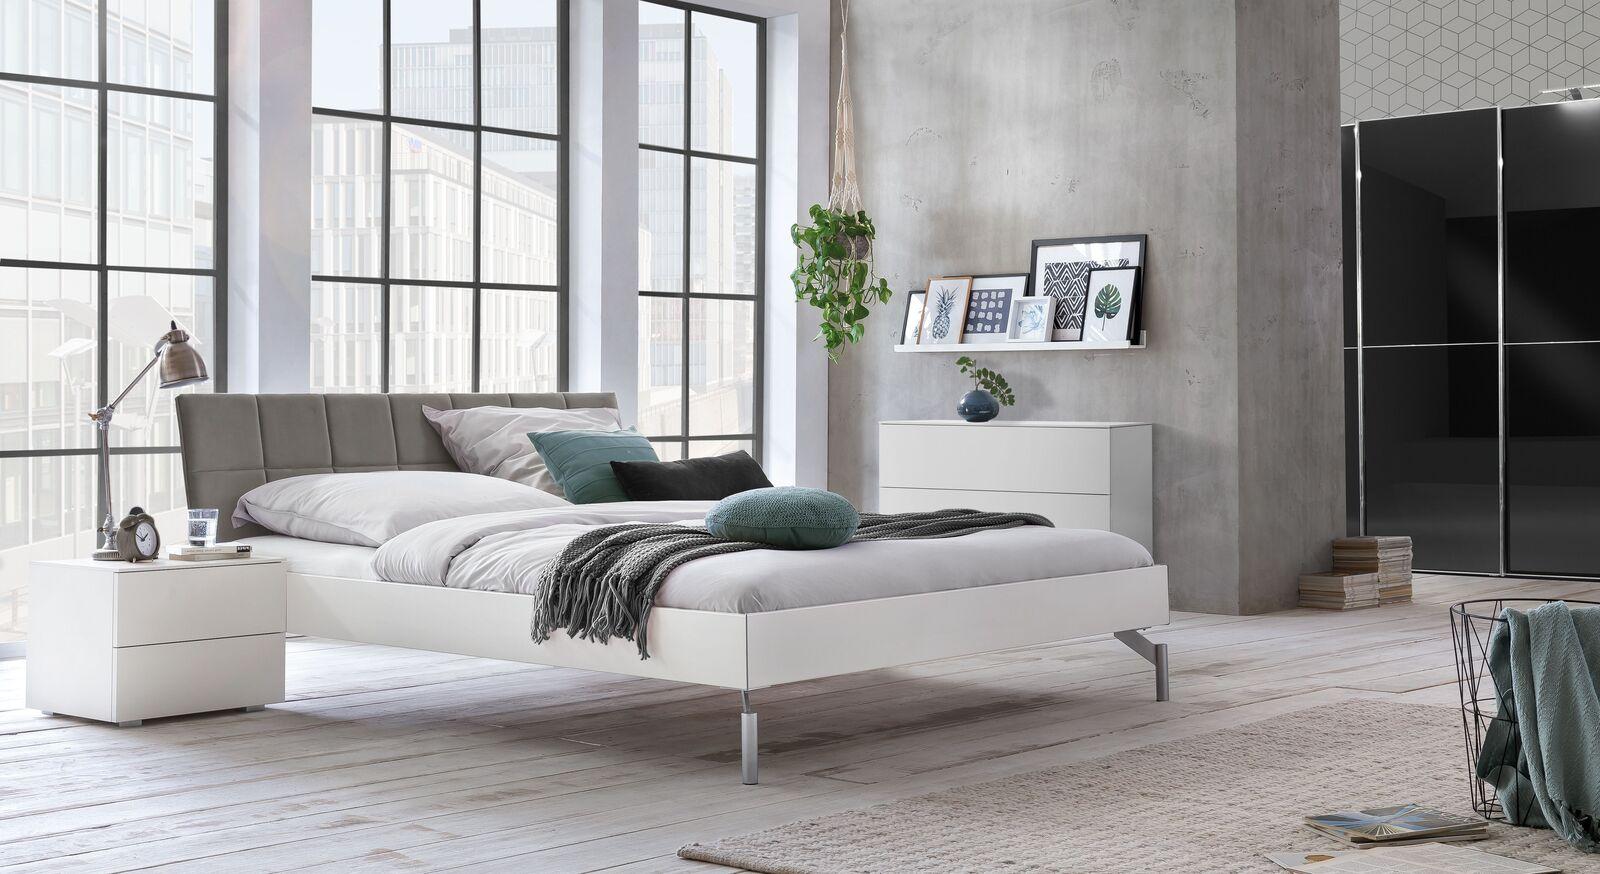 Bett Akuma mit passender Schlafzimmer-Ausstattung